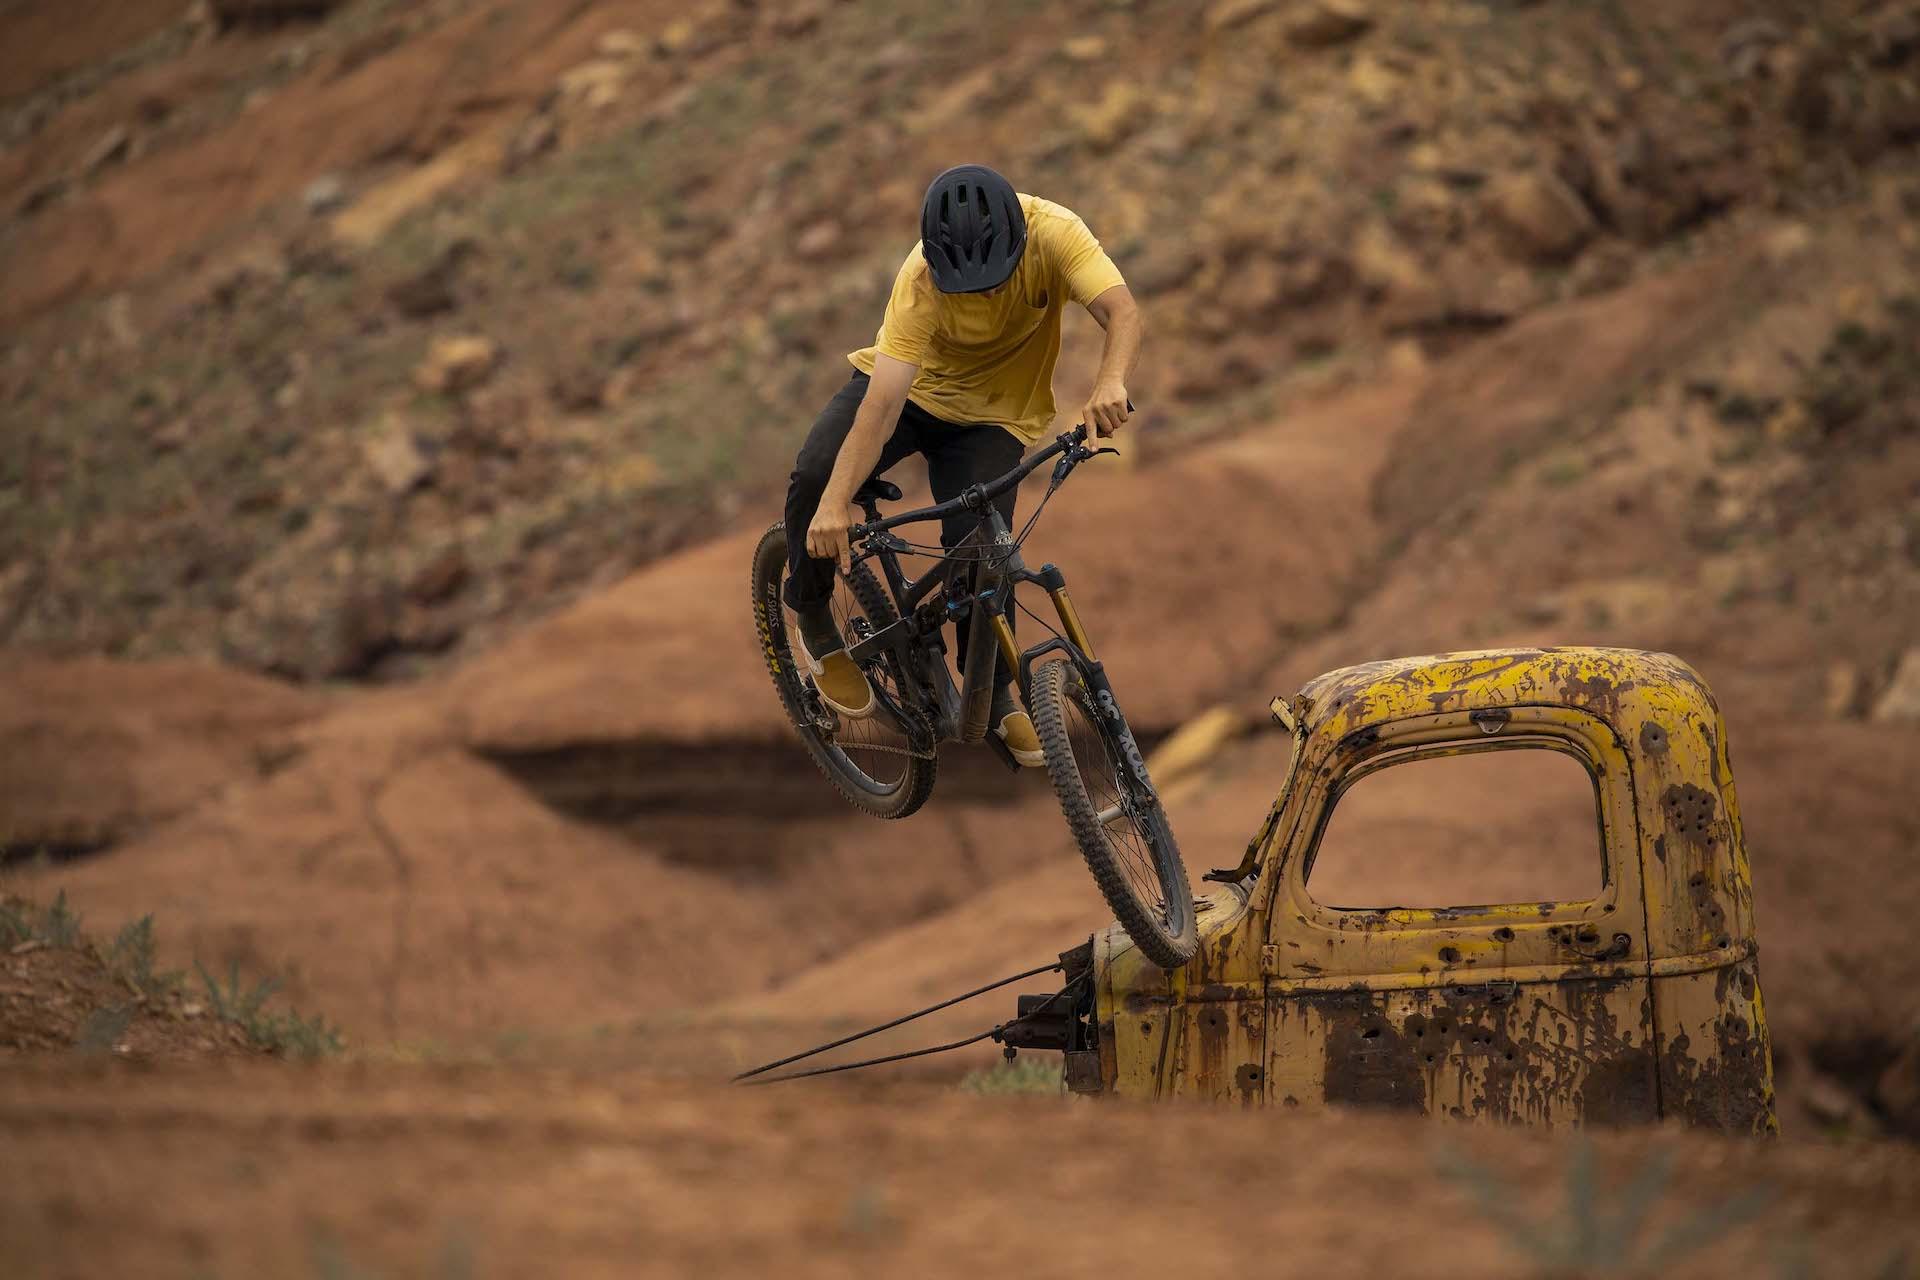 bike park bike yeti sb140